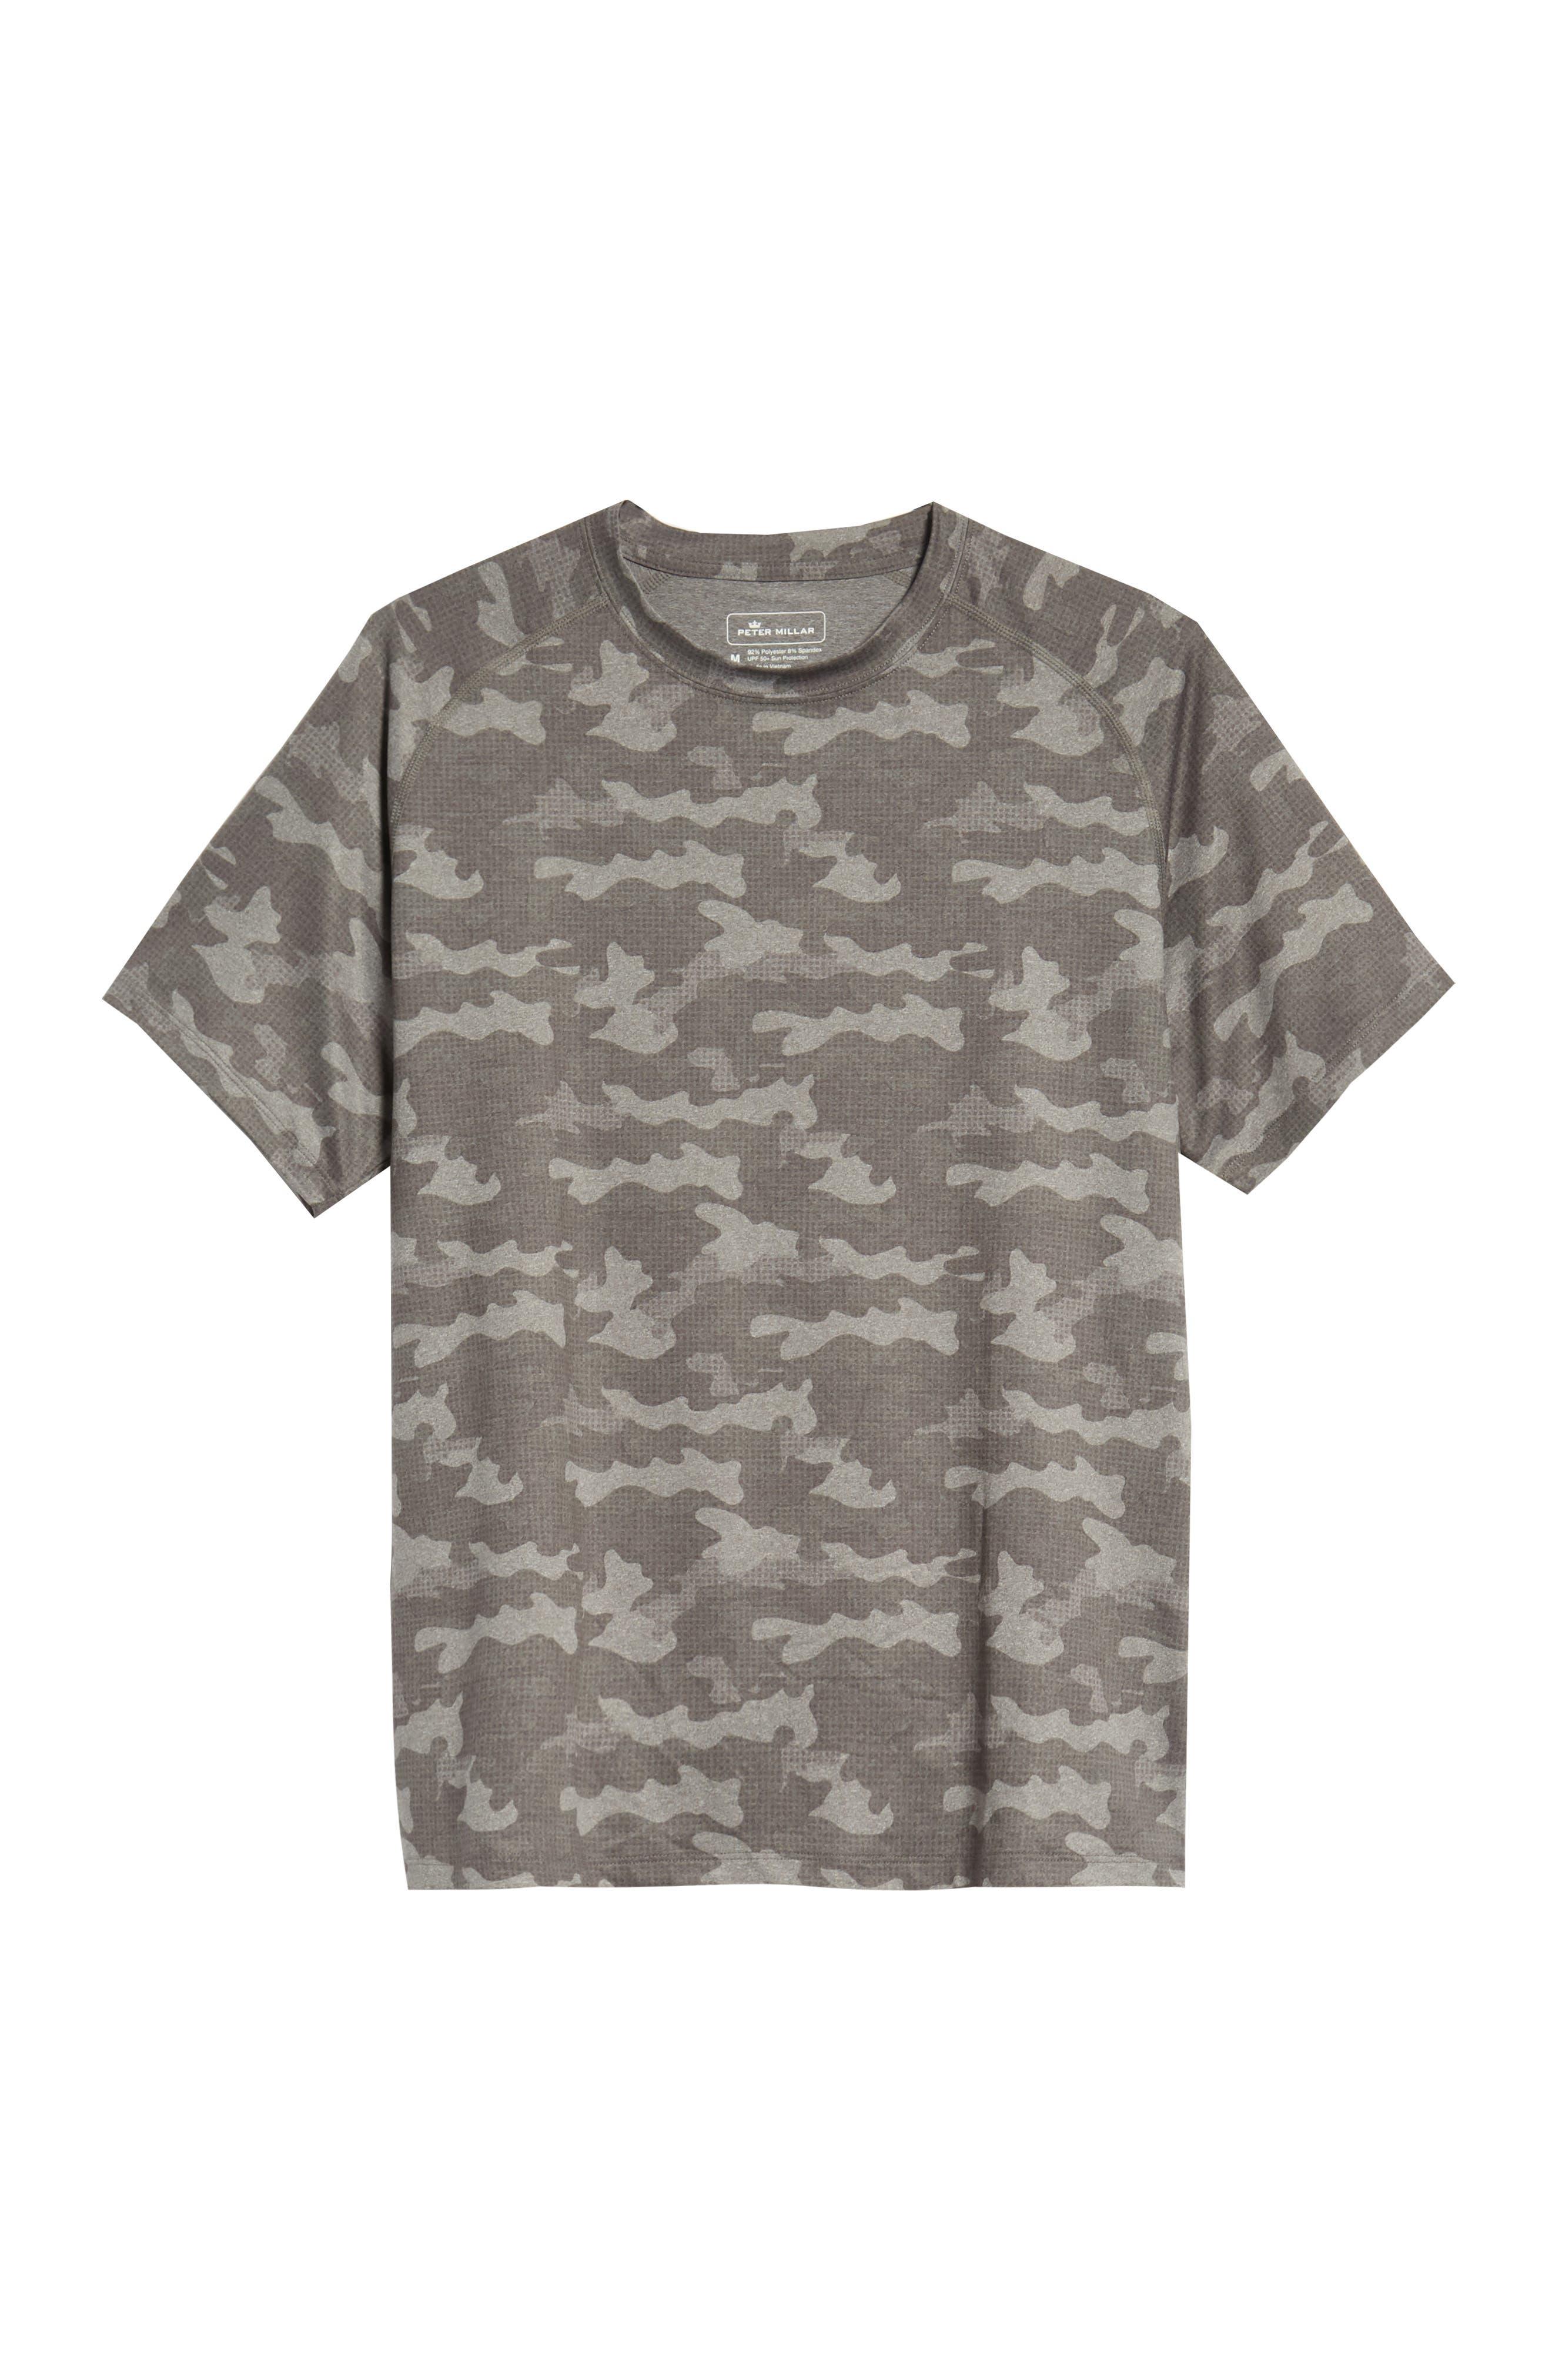 Rio Camo Tech T-Shirt,                             Alternate thumbnail 6, color,                             GREY